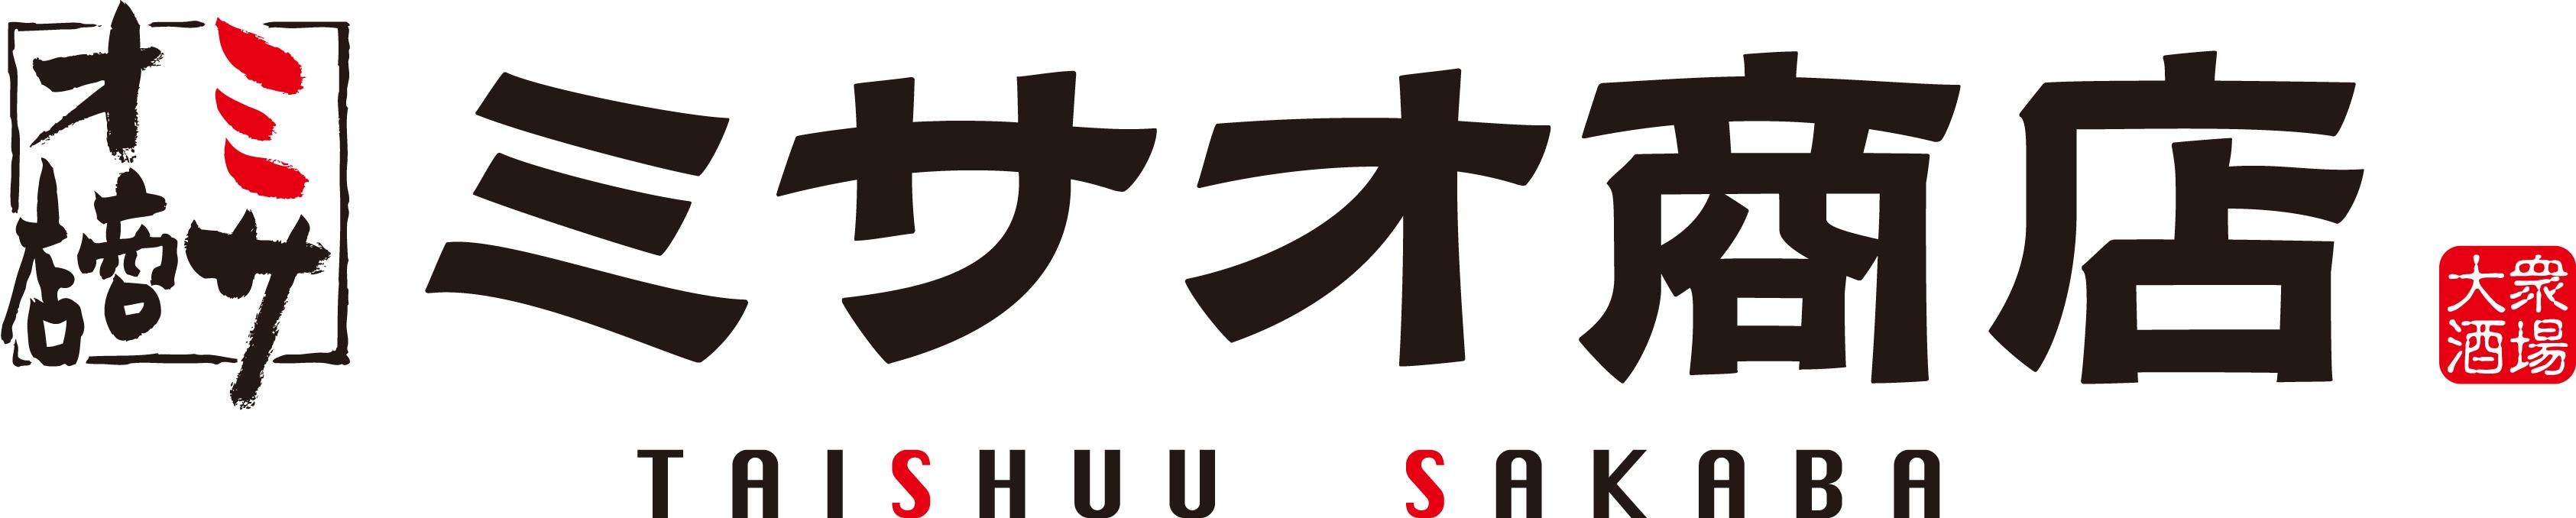 ミサオ商店ロゴ